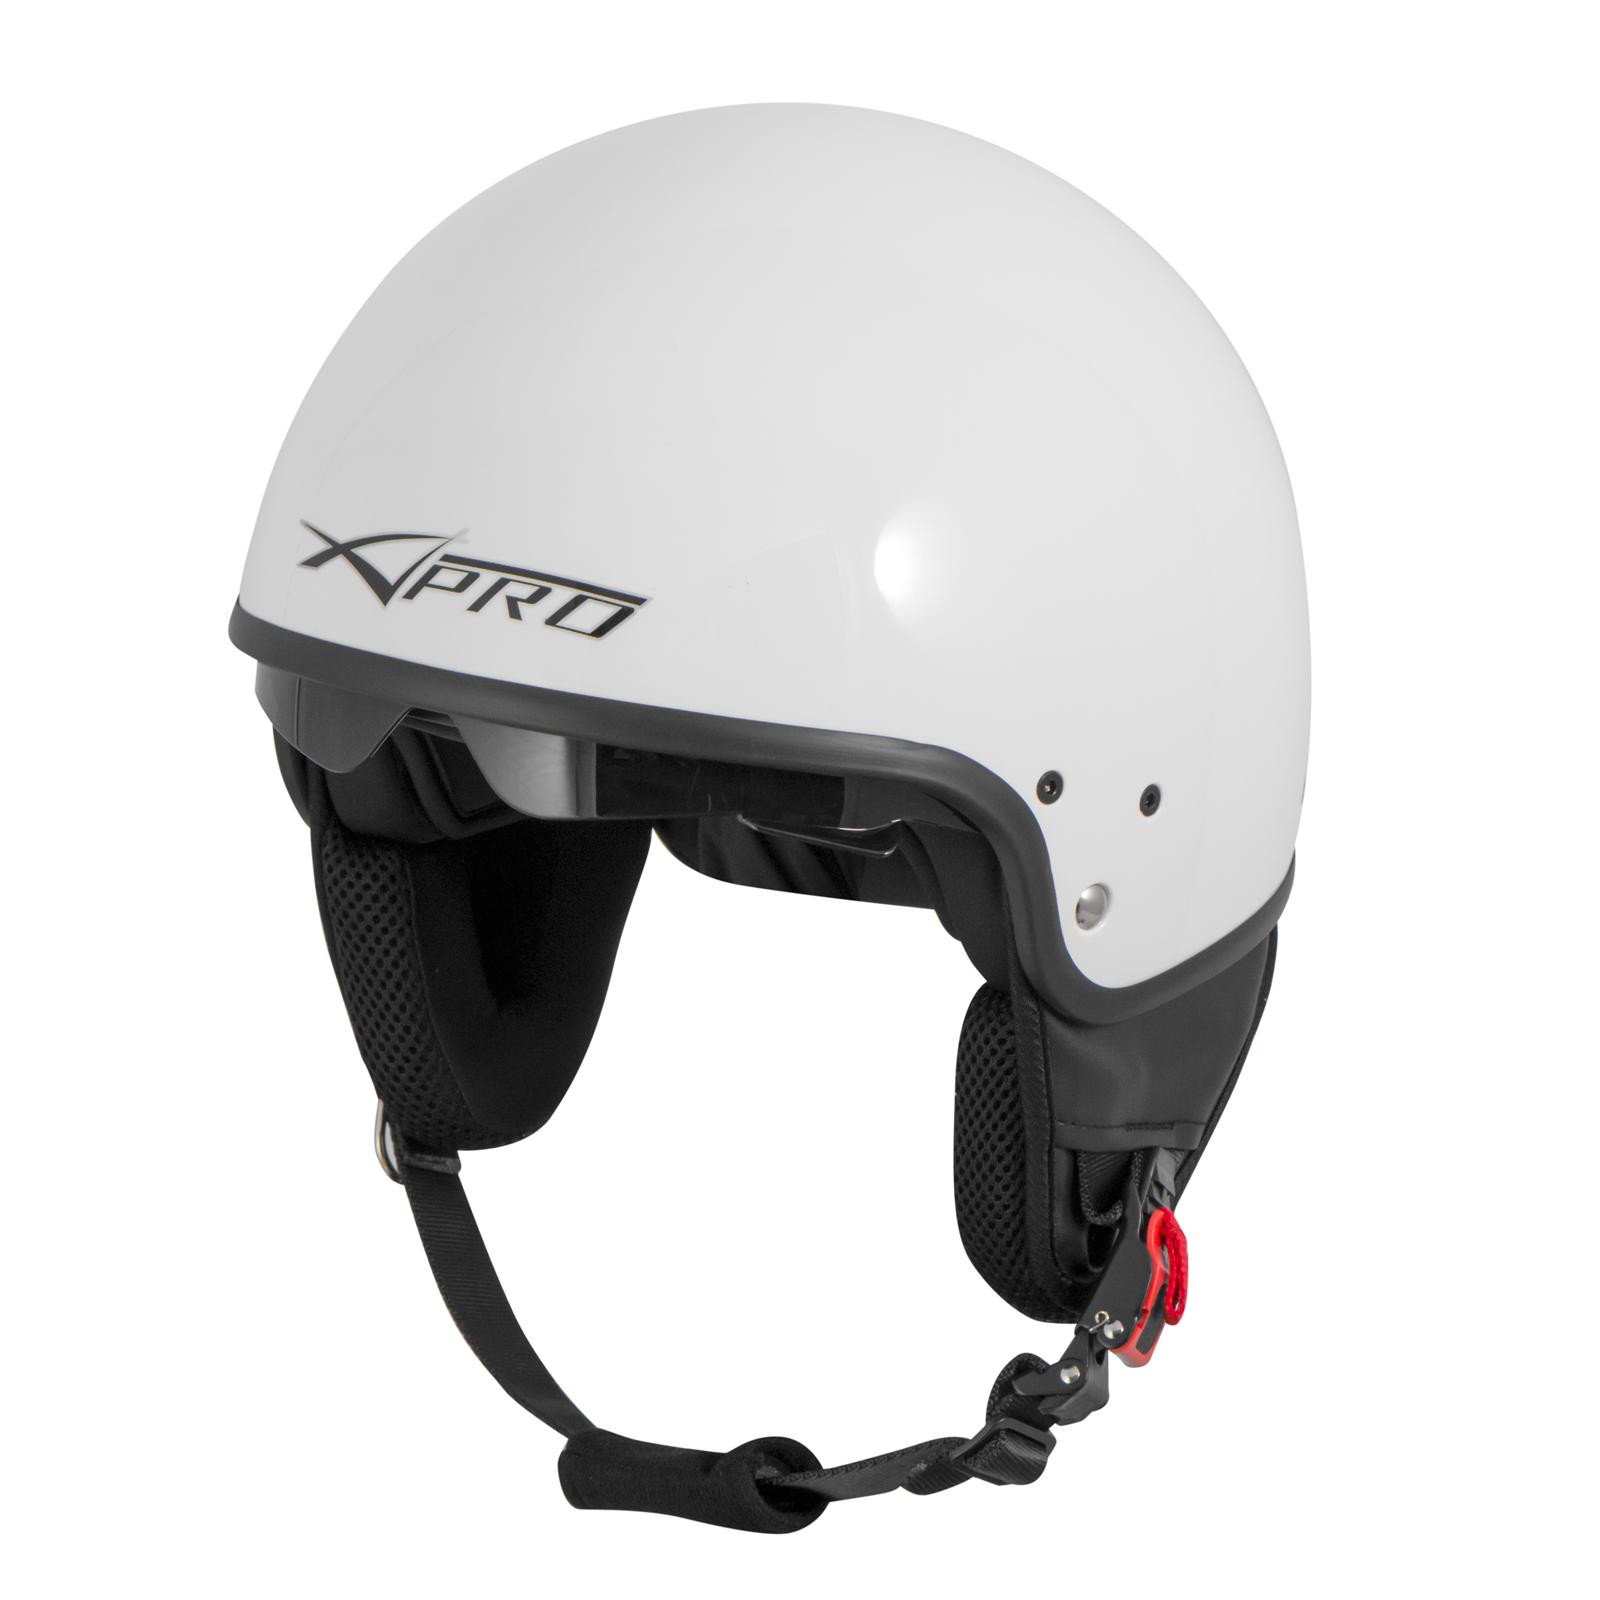 Casque-Moto-Scooter-Vespa-Jet-Visiere-pare-soleil-ECE-22-Blanc-SonicMoto miniature 21